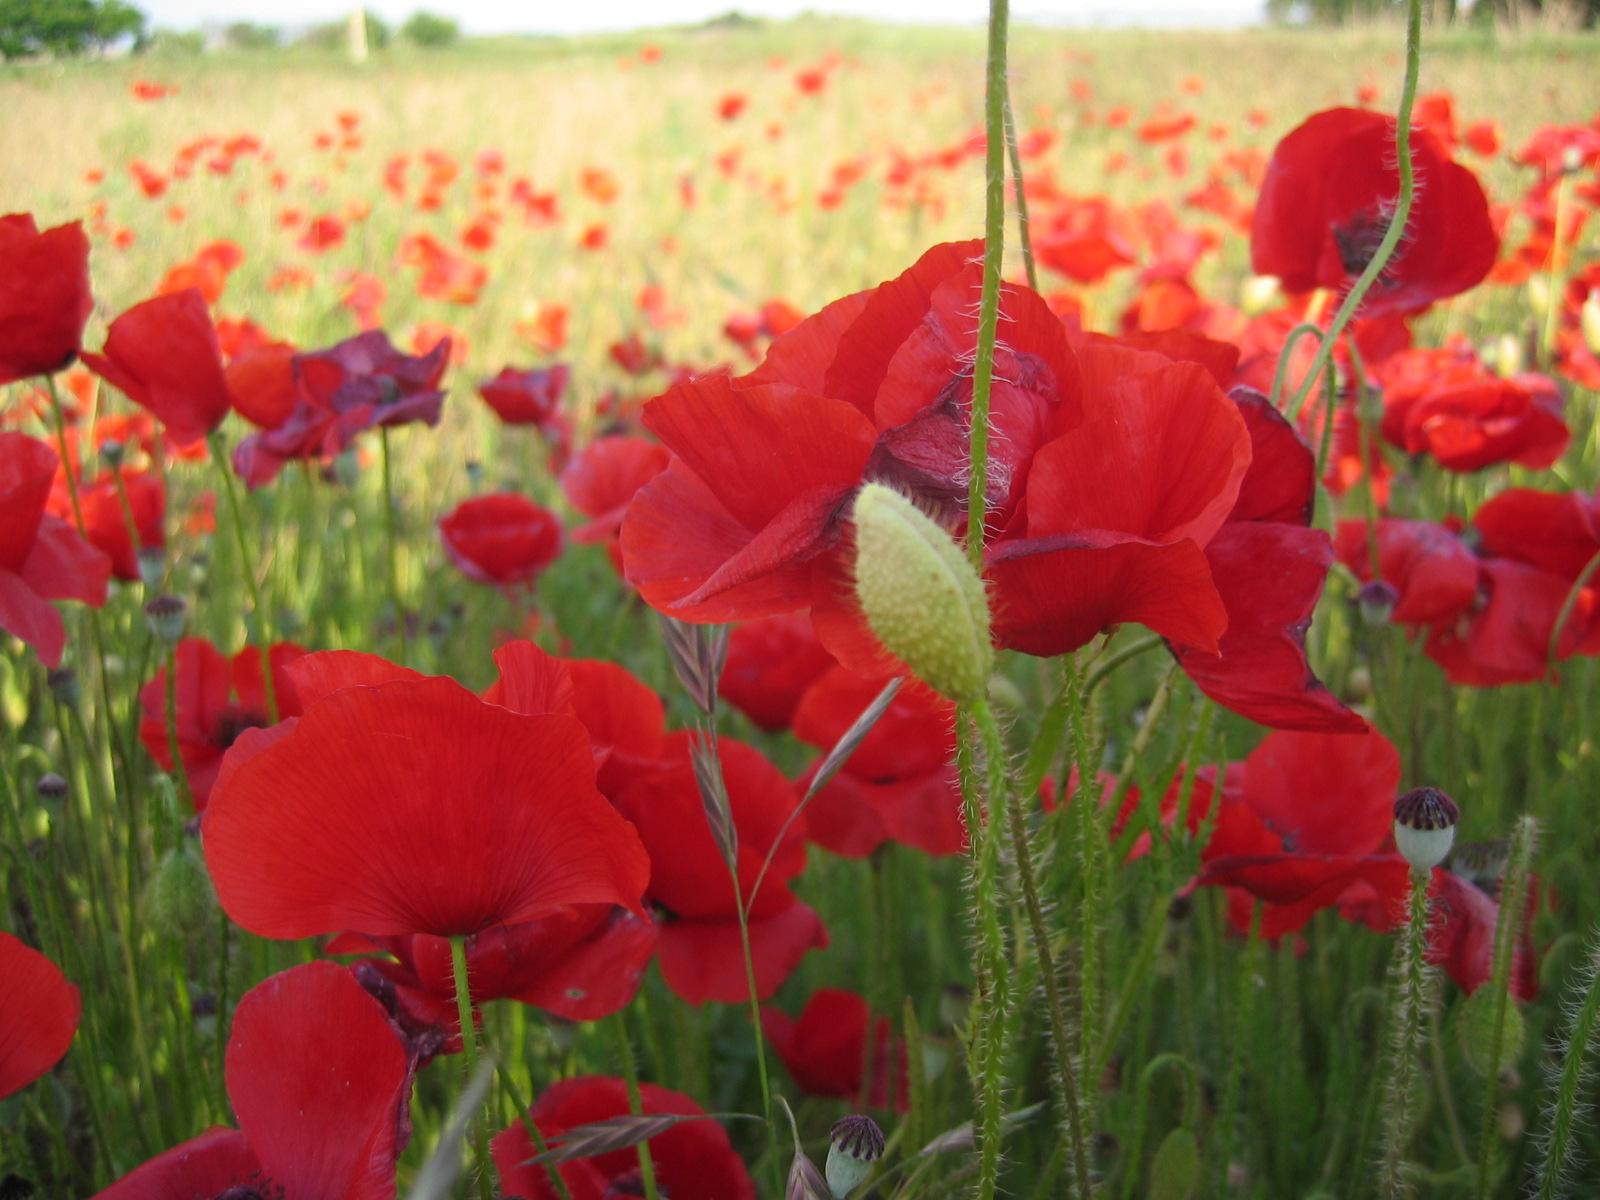 amapolas clima cultivo suelo y riego flores riego